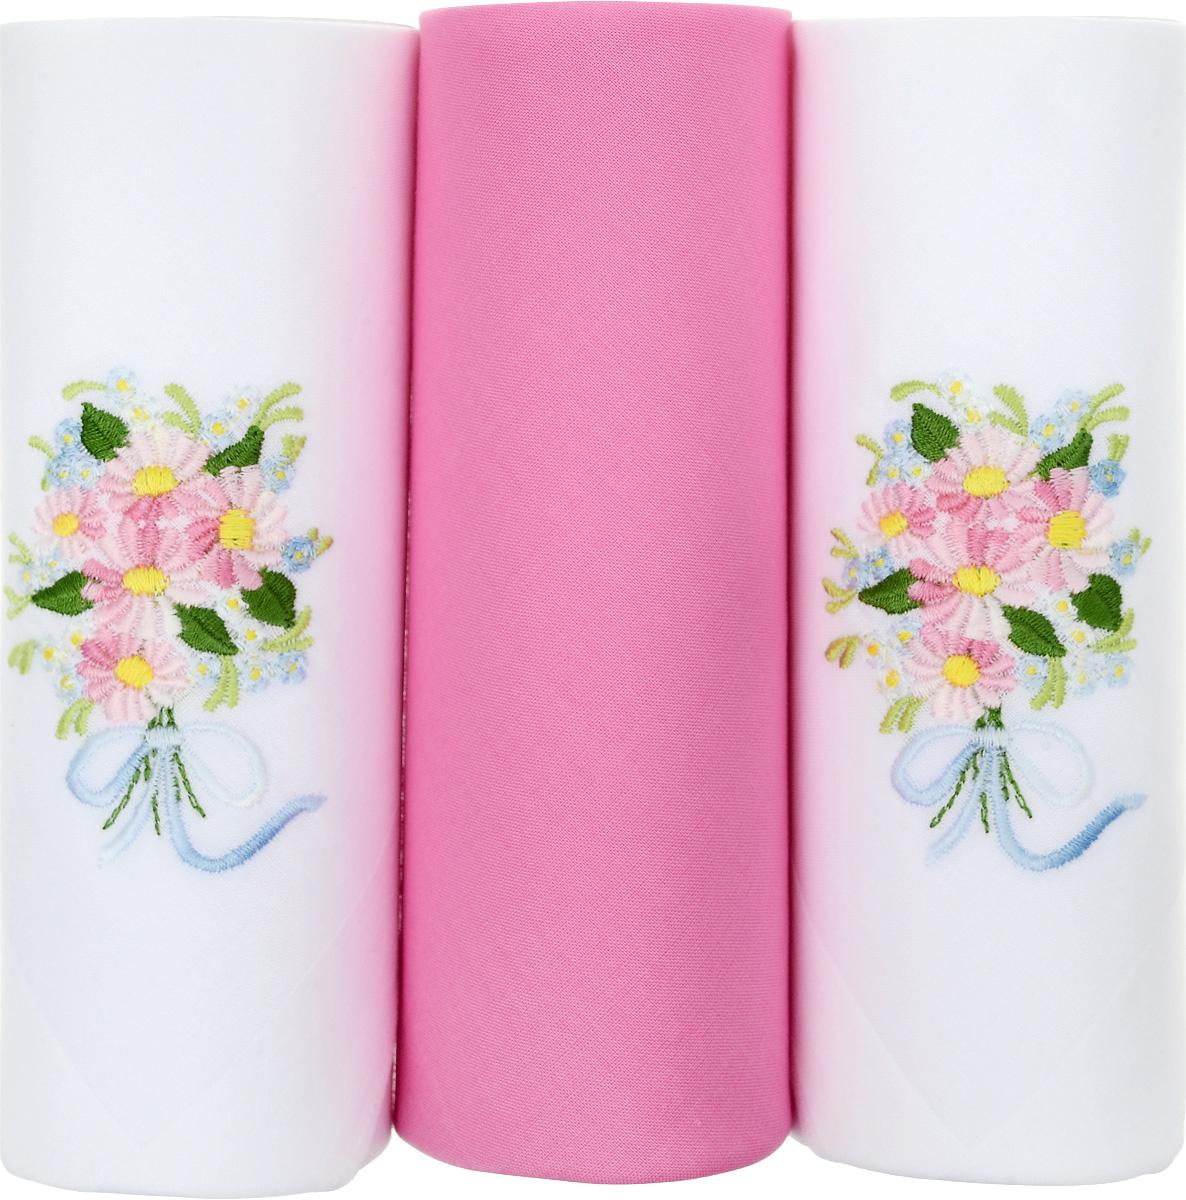 Платок носовой женский Zlata Korunka, цвет: белый, розовый, 3 шт. 25605-14. Размер 30 см х 30 см39864|Серьги с подвескамиНебольшой женский носовой платок Zlata Korunka изготовлен из высококачественного натурального хлопка, благодаря чему приятен в использовании, хорошо стирается, не садится и отлично впитывает влагу. Практичный и изящный носовой платок будет незаменим в повседневной жизни любого современного человека. Такой платок послужит стильным аксессуаром и подчеркнет ваше превосходное чувство вкуса.В комплекте 3 платка.